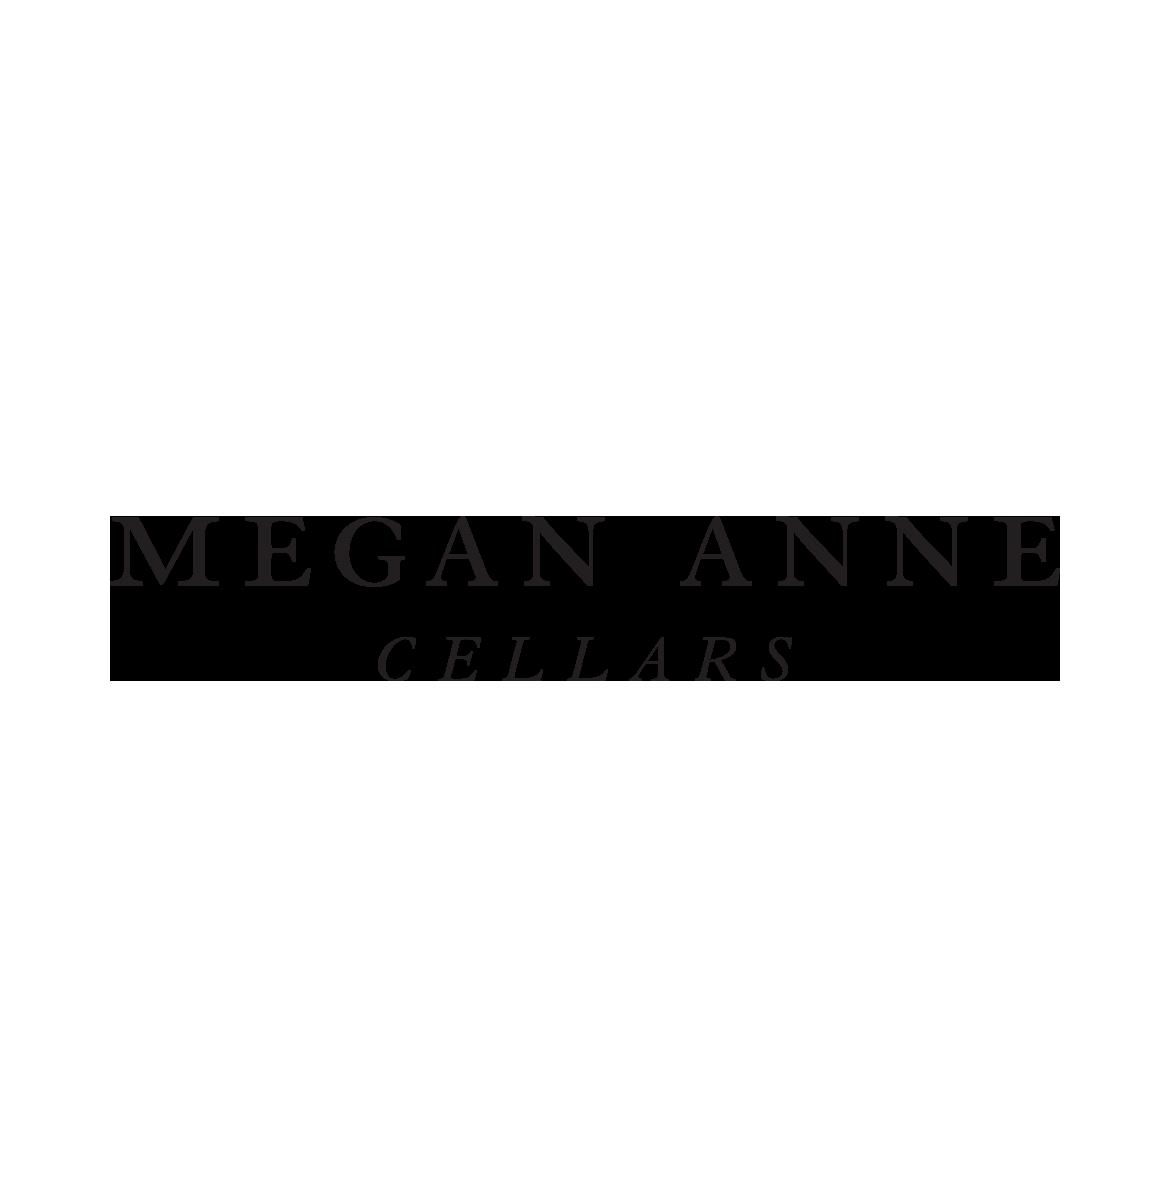 MeganAnne_LogoVariations_0002_Vector-Smart-Object.png